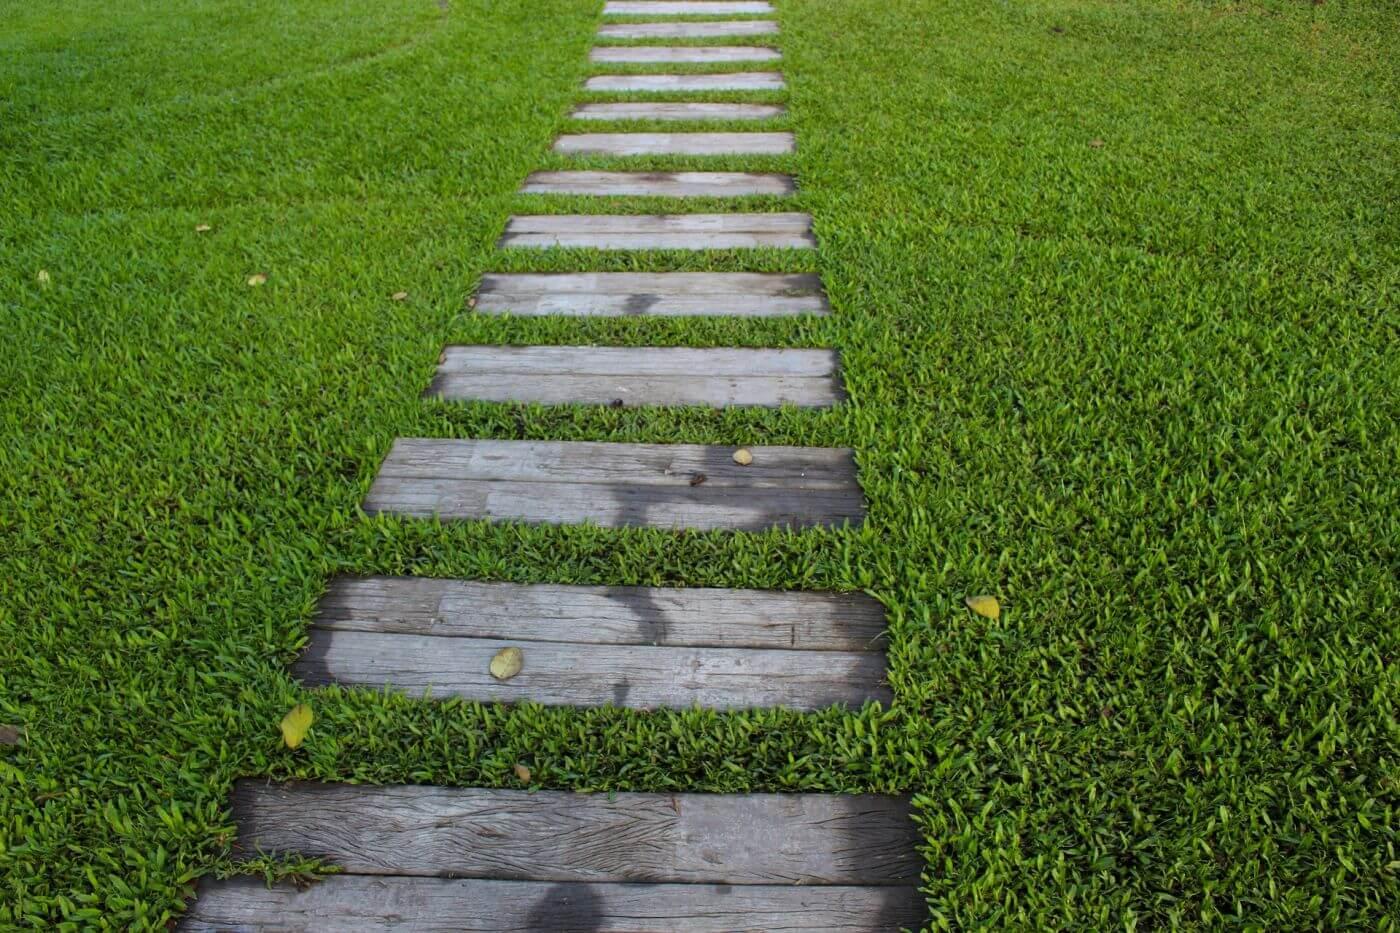 Holzschwellen in Paaren in einem grossen, grünen Garten als Symbol unserer Lebensreise